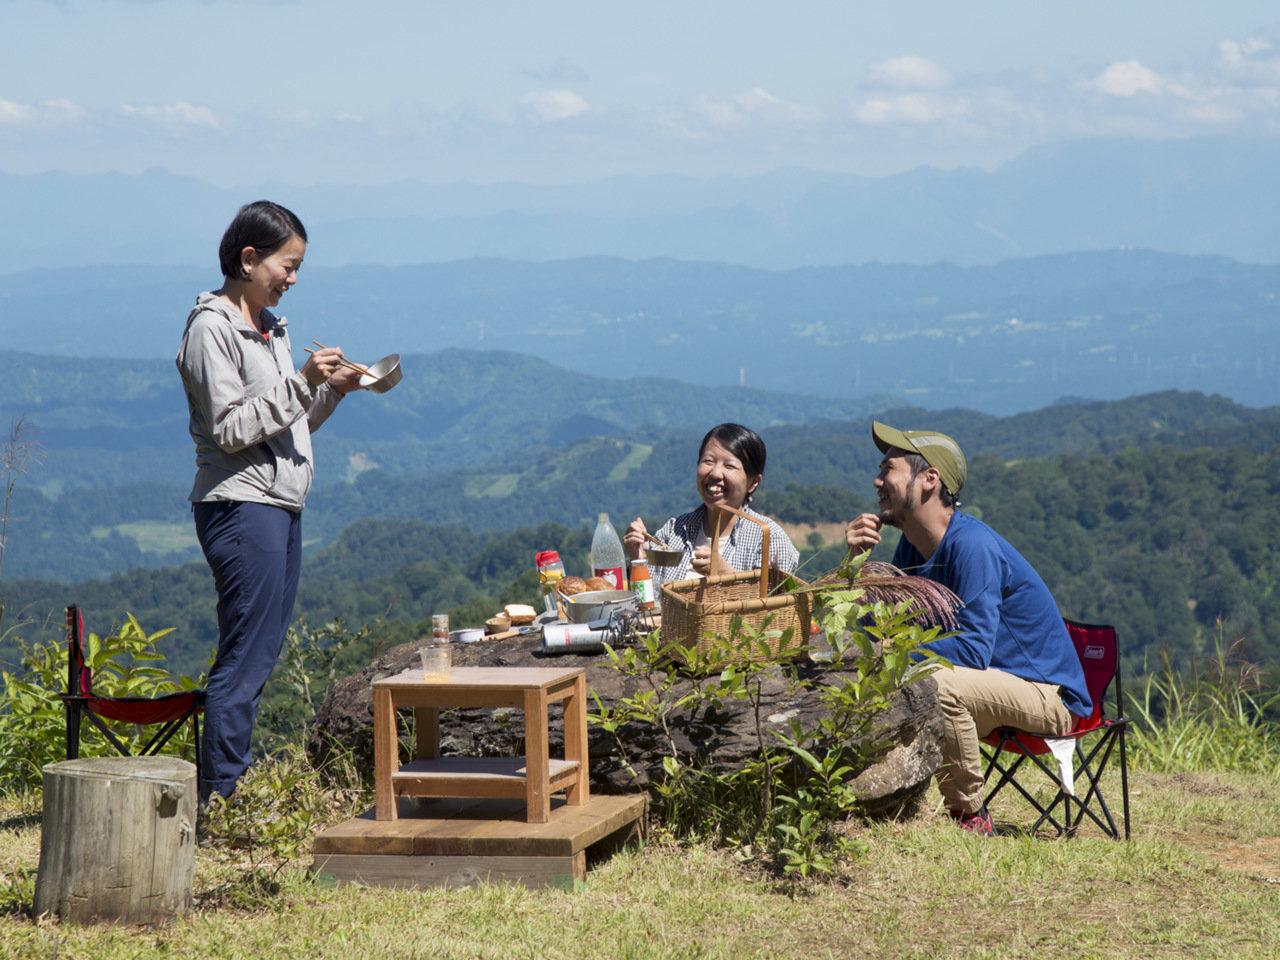 背景にある物語を知ることで広がる食の世界。料理家・蓮池陽子さんに習う、山ごはんの楽しみ方。